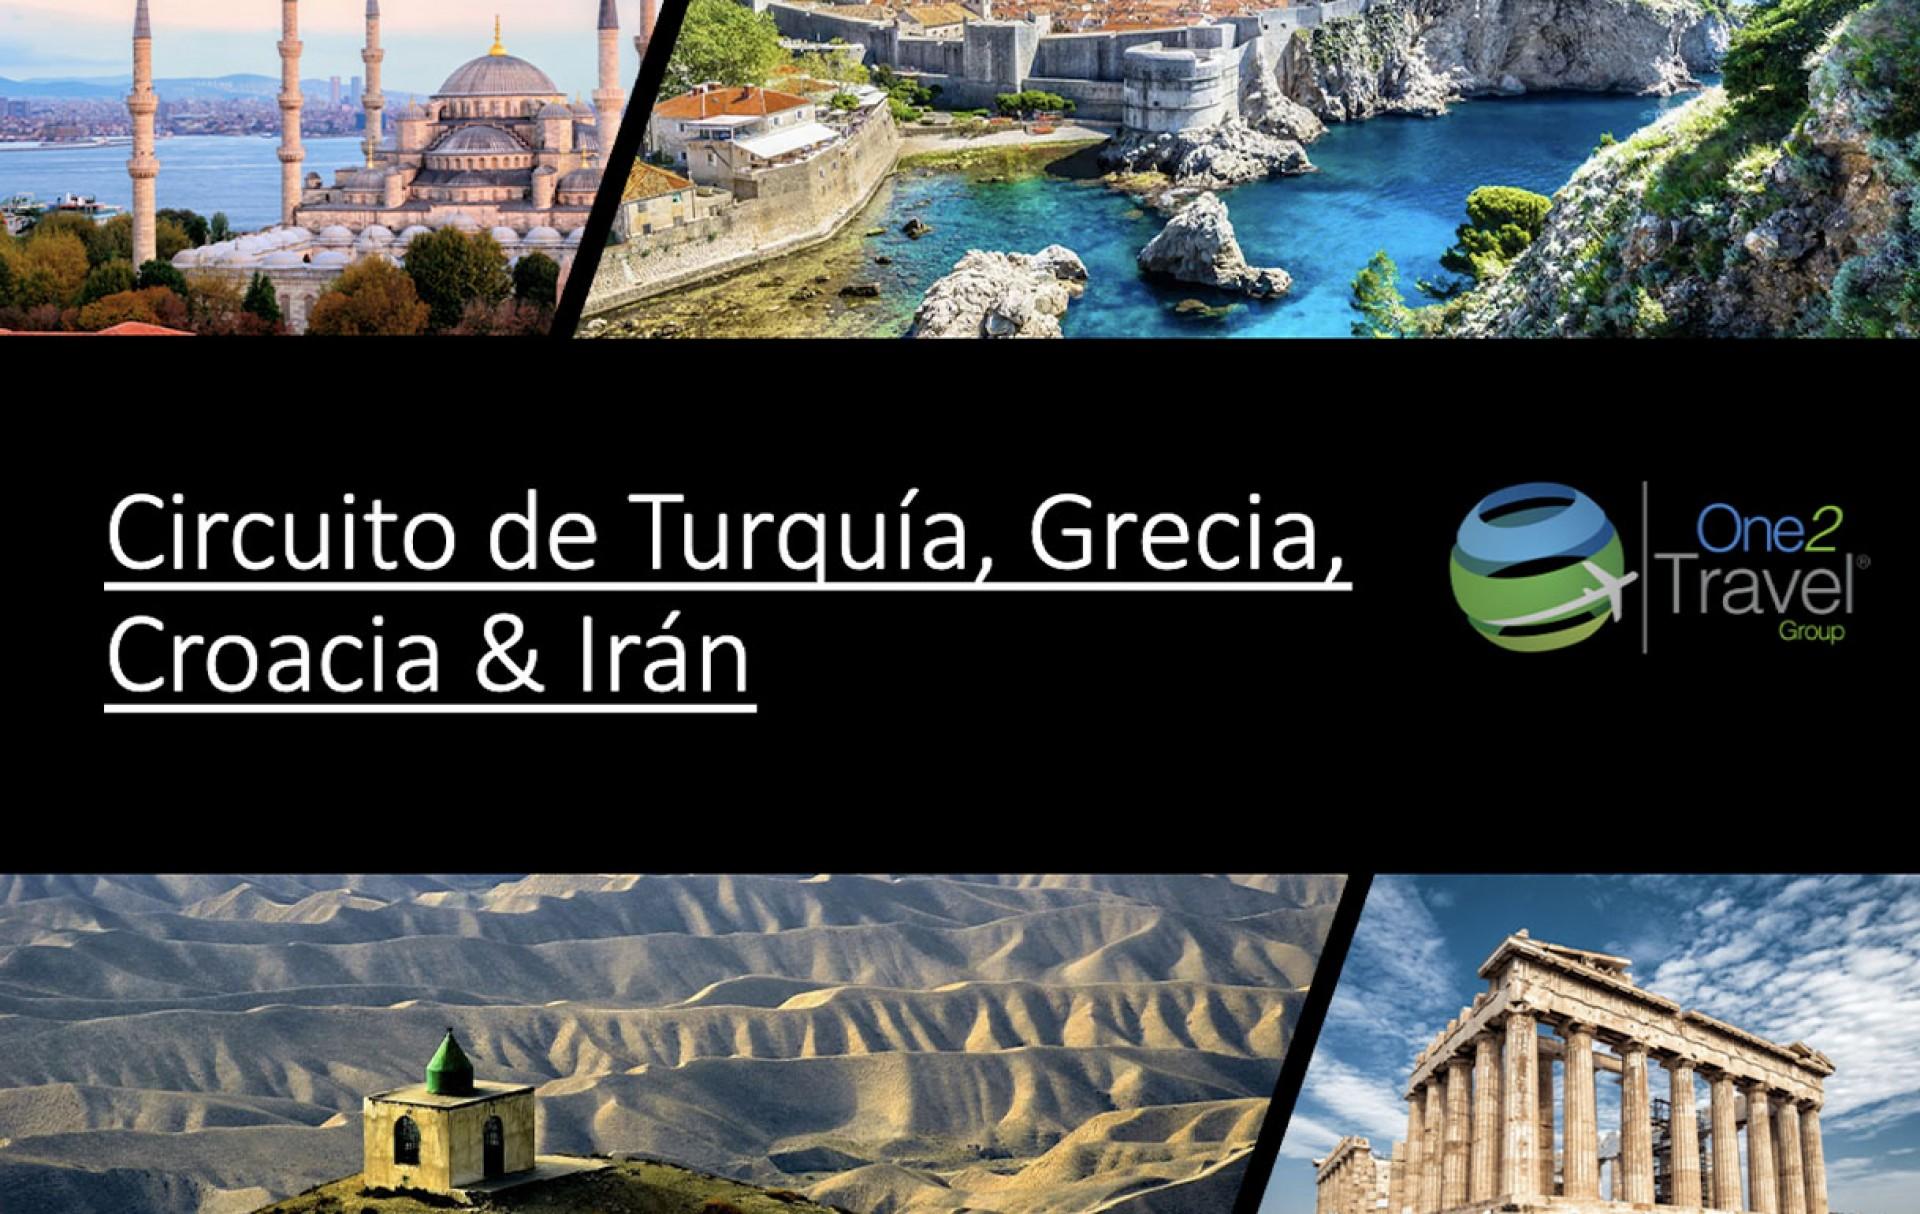 Seminario Web | One2Travel | Circuito Turquía, Grecia, Croacia & Irán